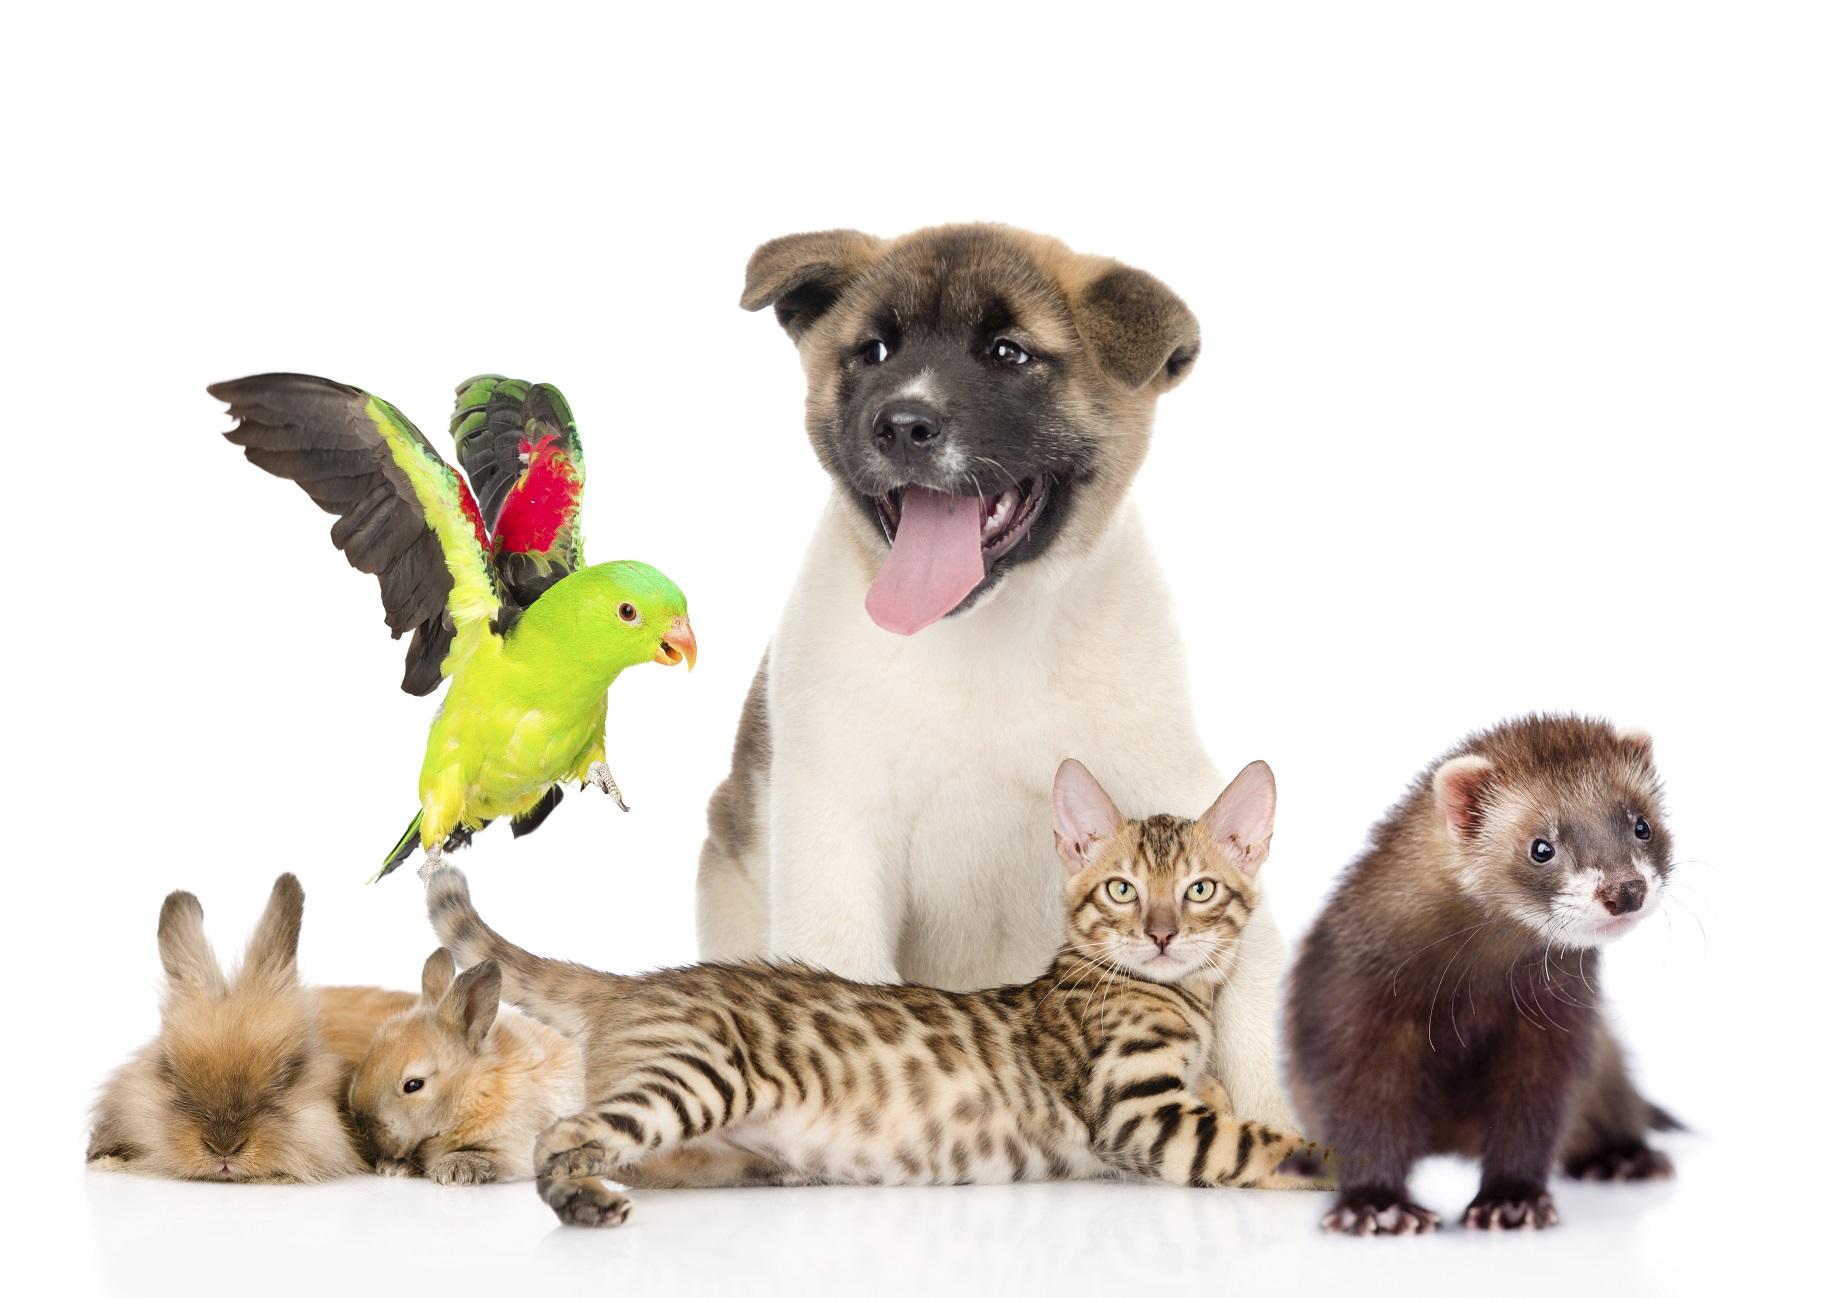 Прикольные картинки животных с подписями 70 фото